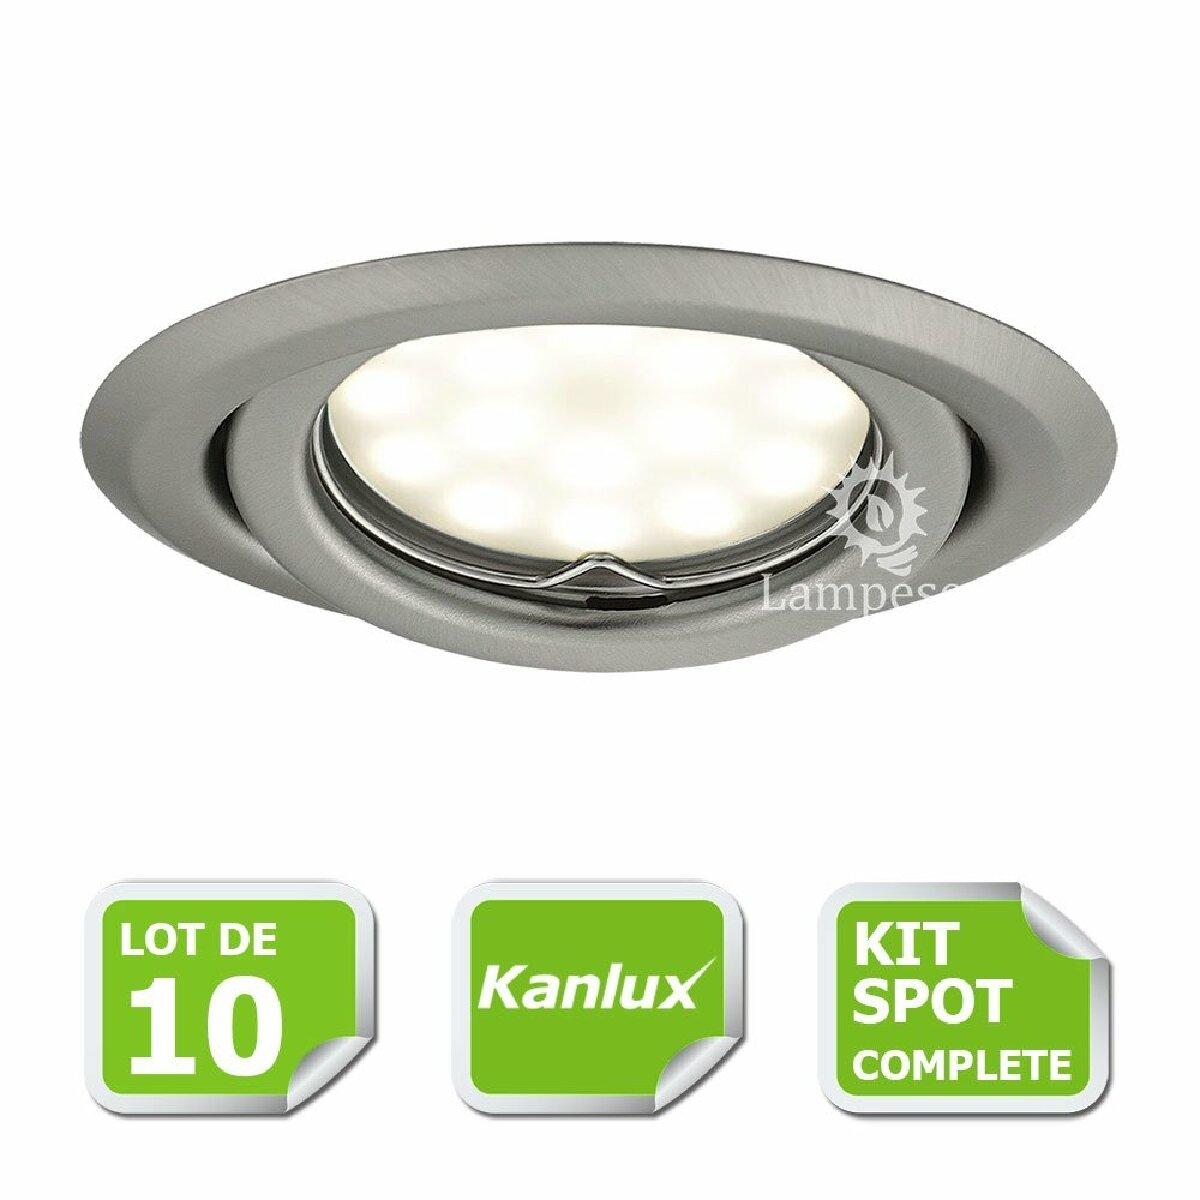 Kanlux Kit complete de 10 Spots encastrable chrome mat orientable marque Kanlux avec GU10 LED 5W 3000K blanc chaud